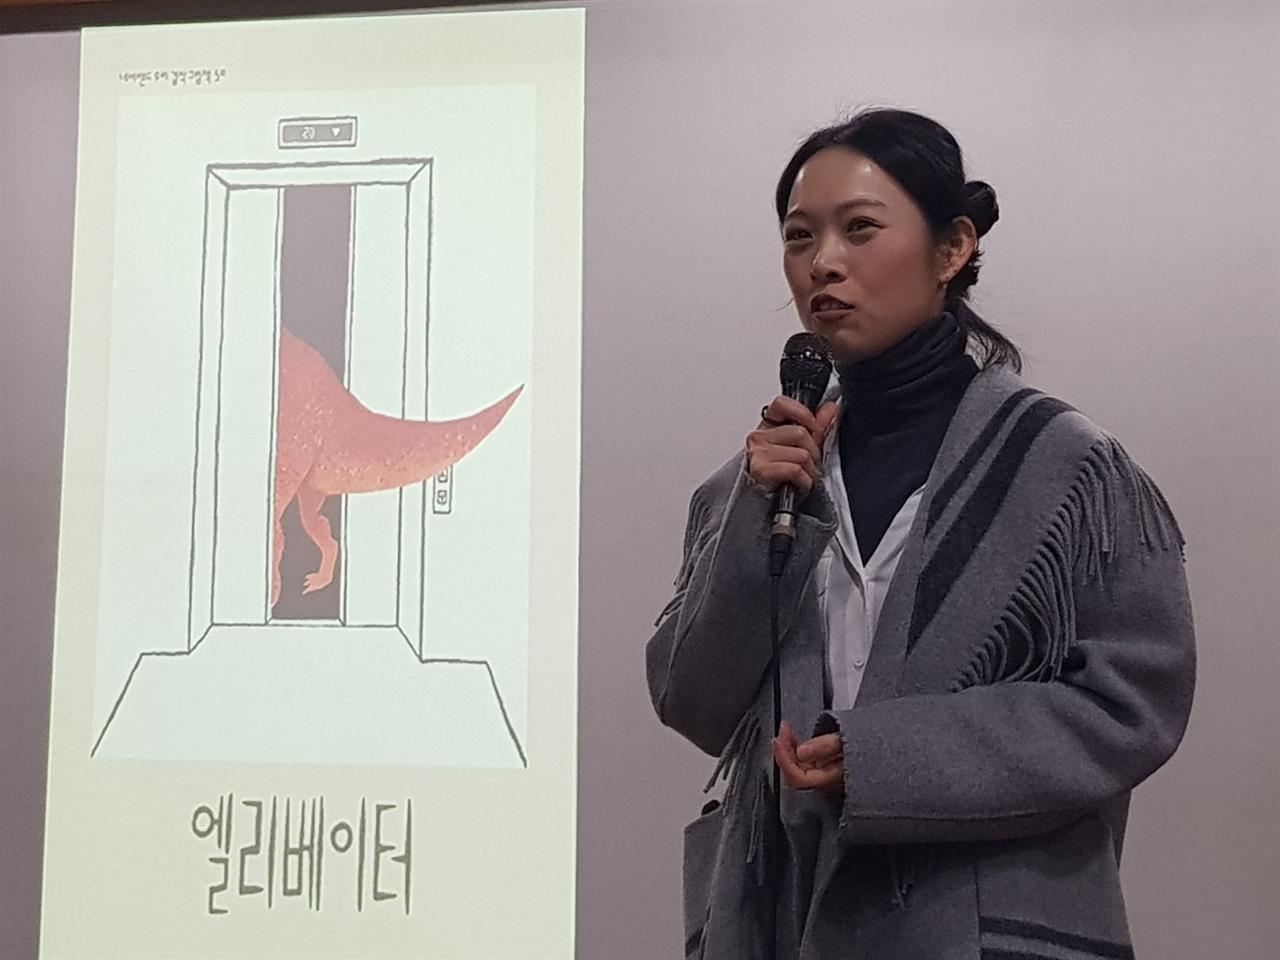 경혜원 그림책 작가  그림책 '엘리베이터'의 출간 과정에 대해서 설명중인 경혜원 작가